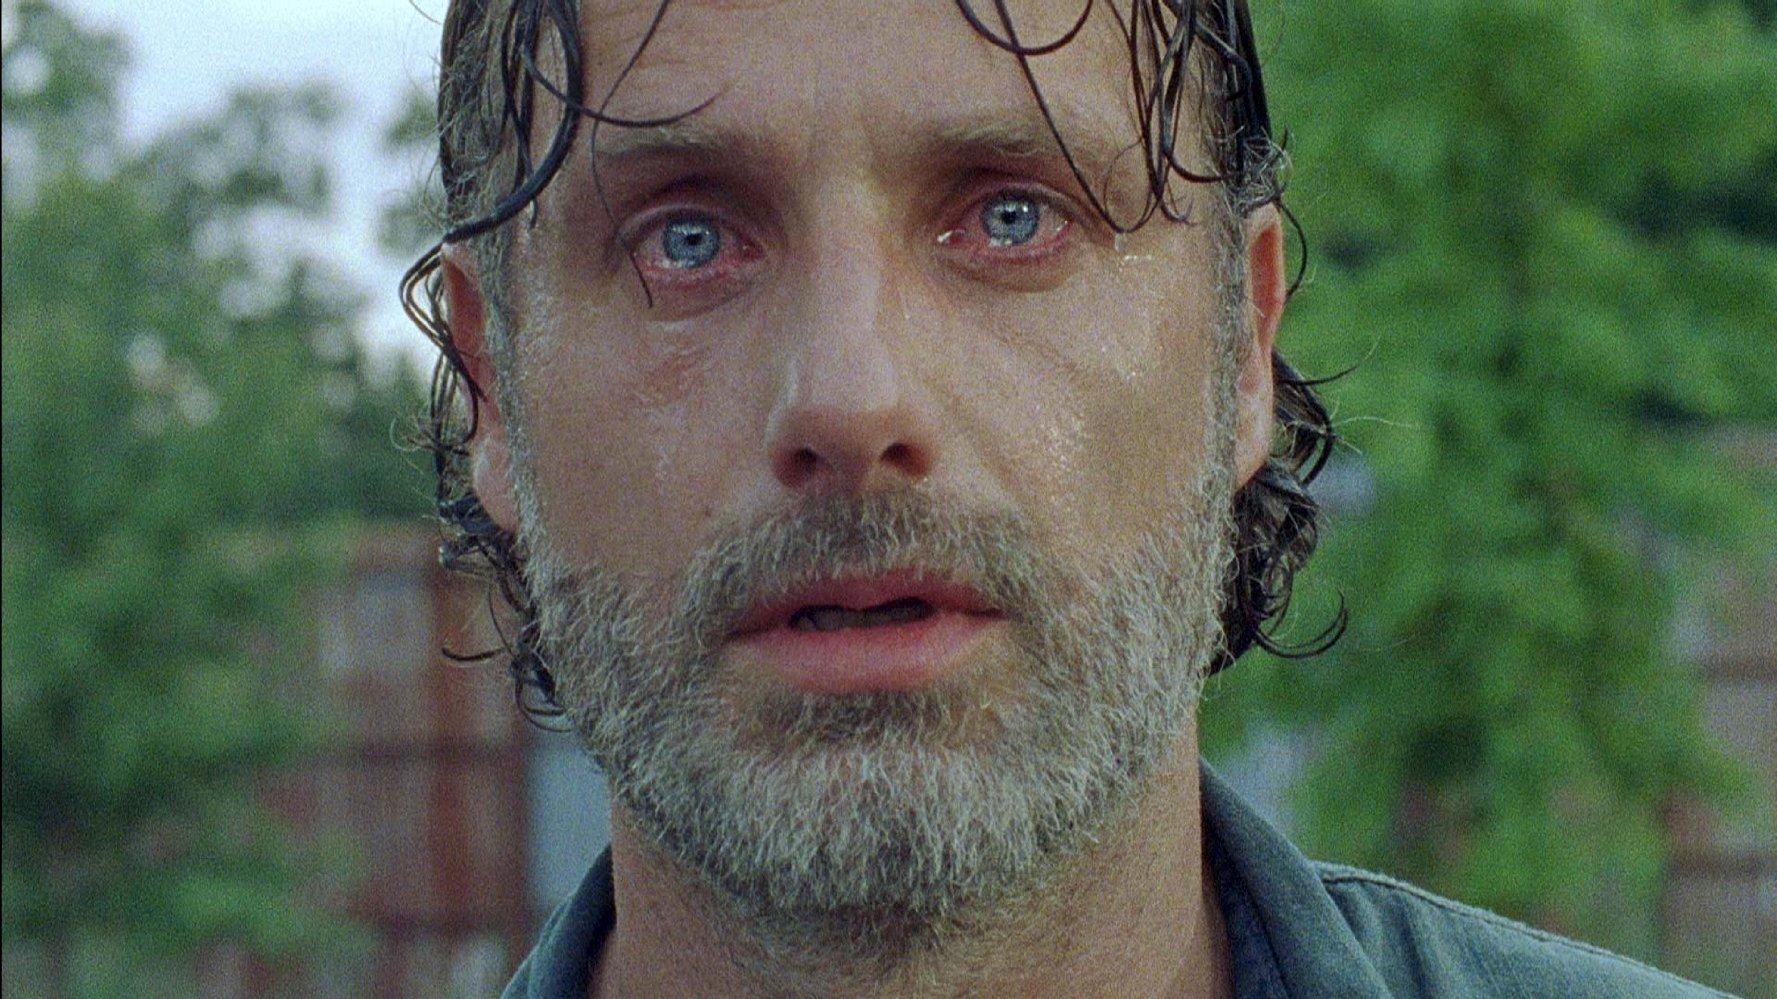 Żywe trupy wreszcie odniosły się do kwestii kontrowersyjnego romansu. Oceniamy nowy odcinek The Walking Dead